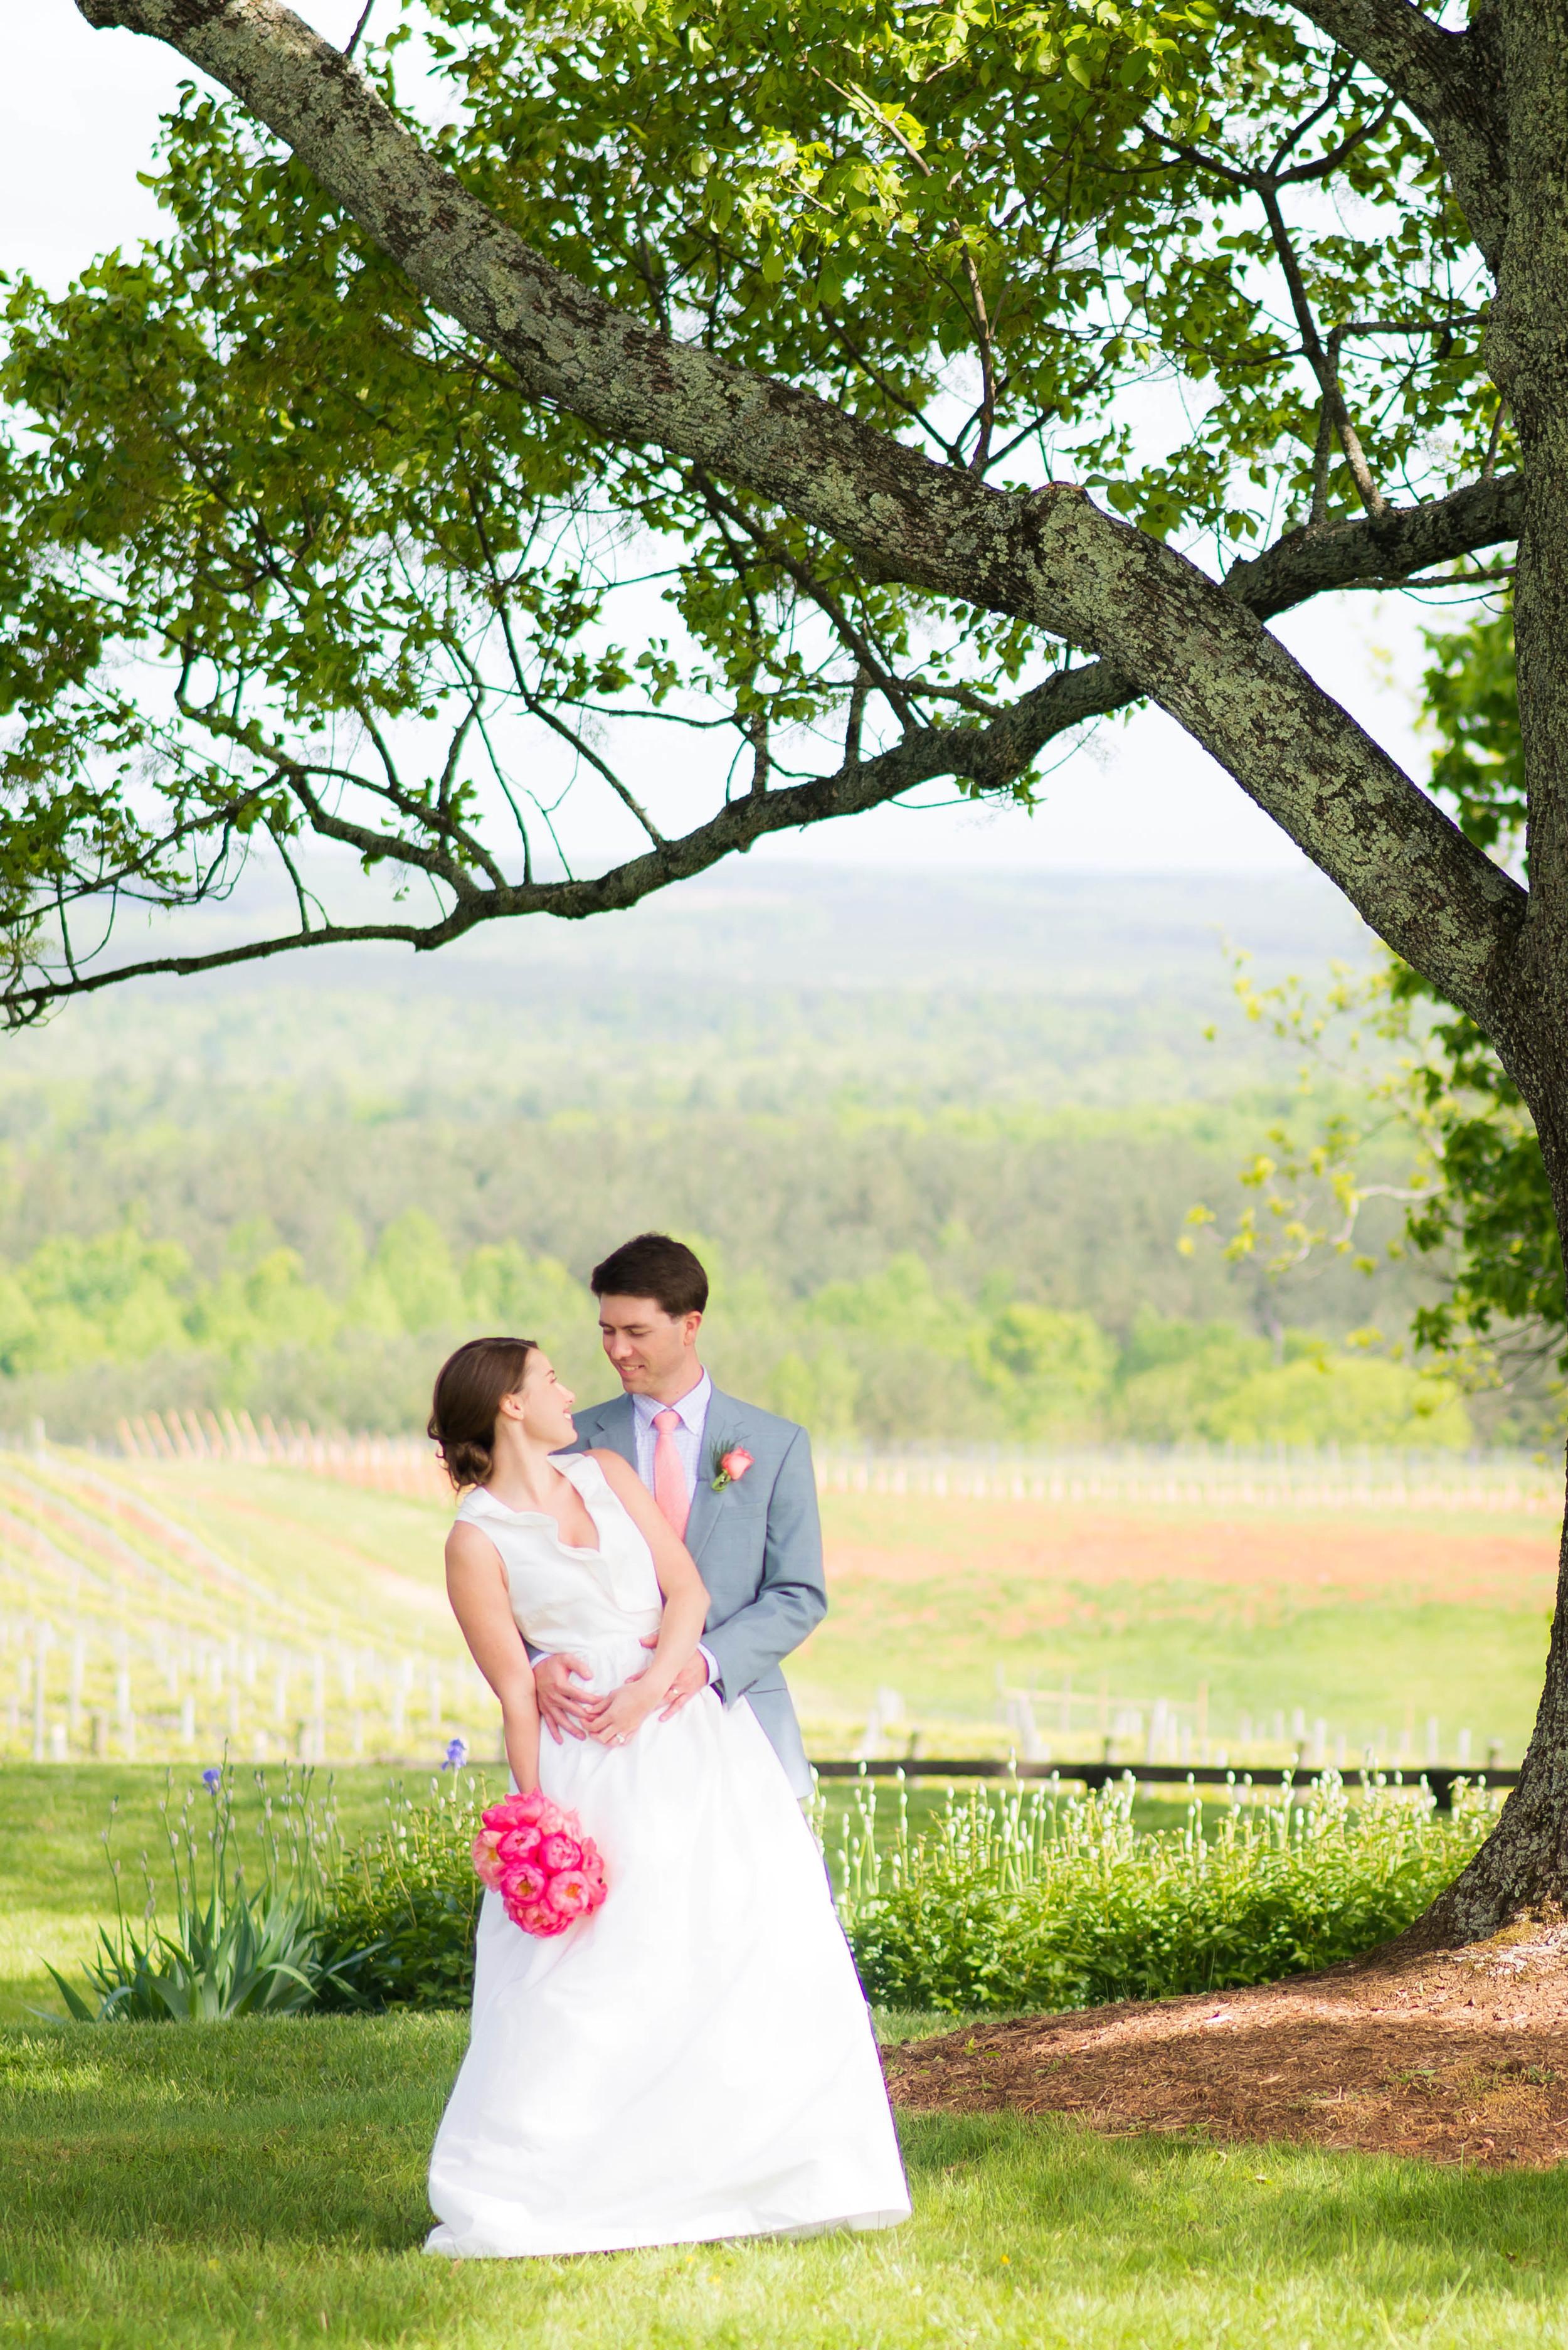 Jennifer + Sean _ Married320 copy.jpg